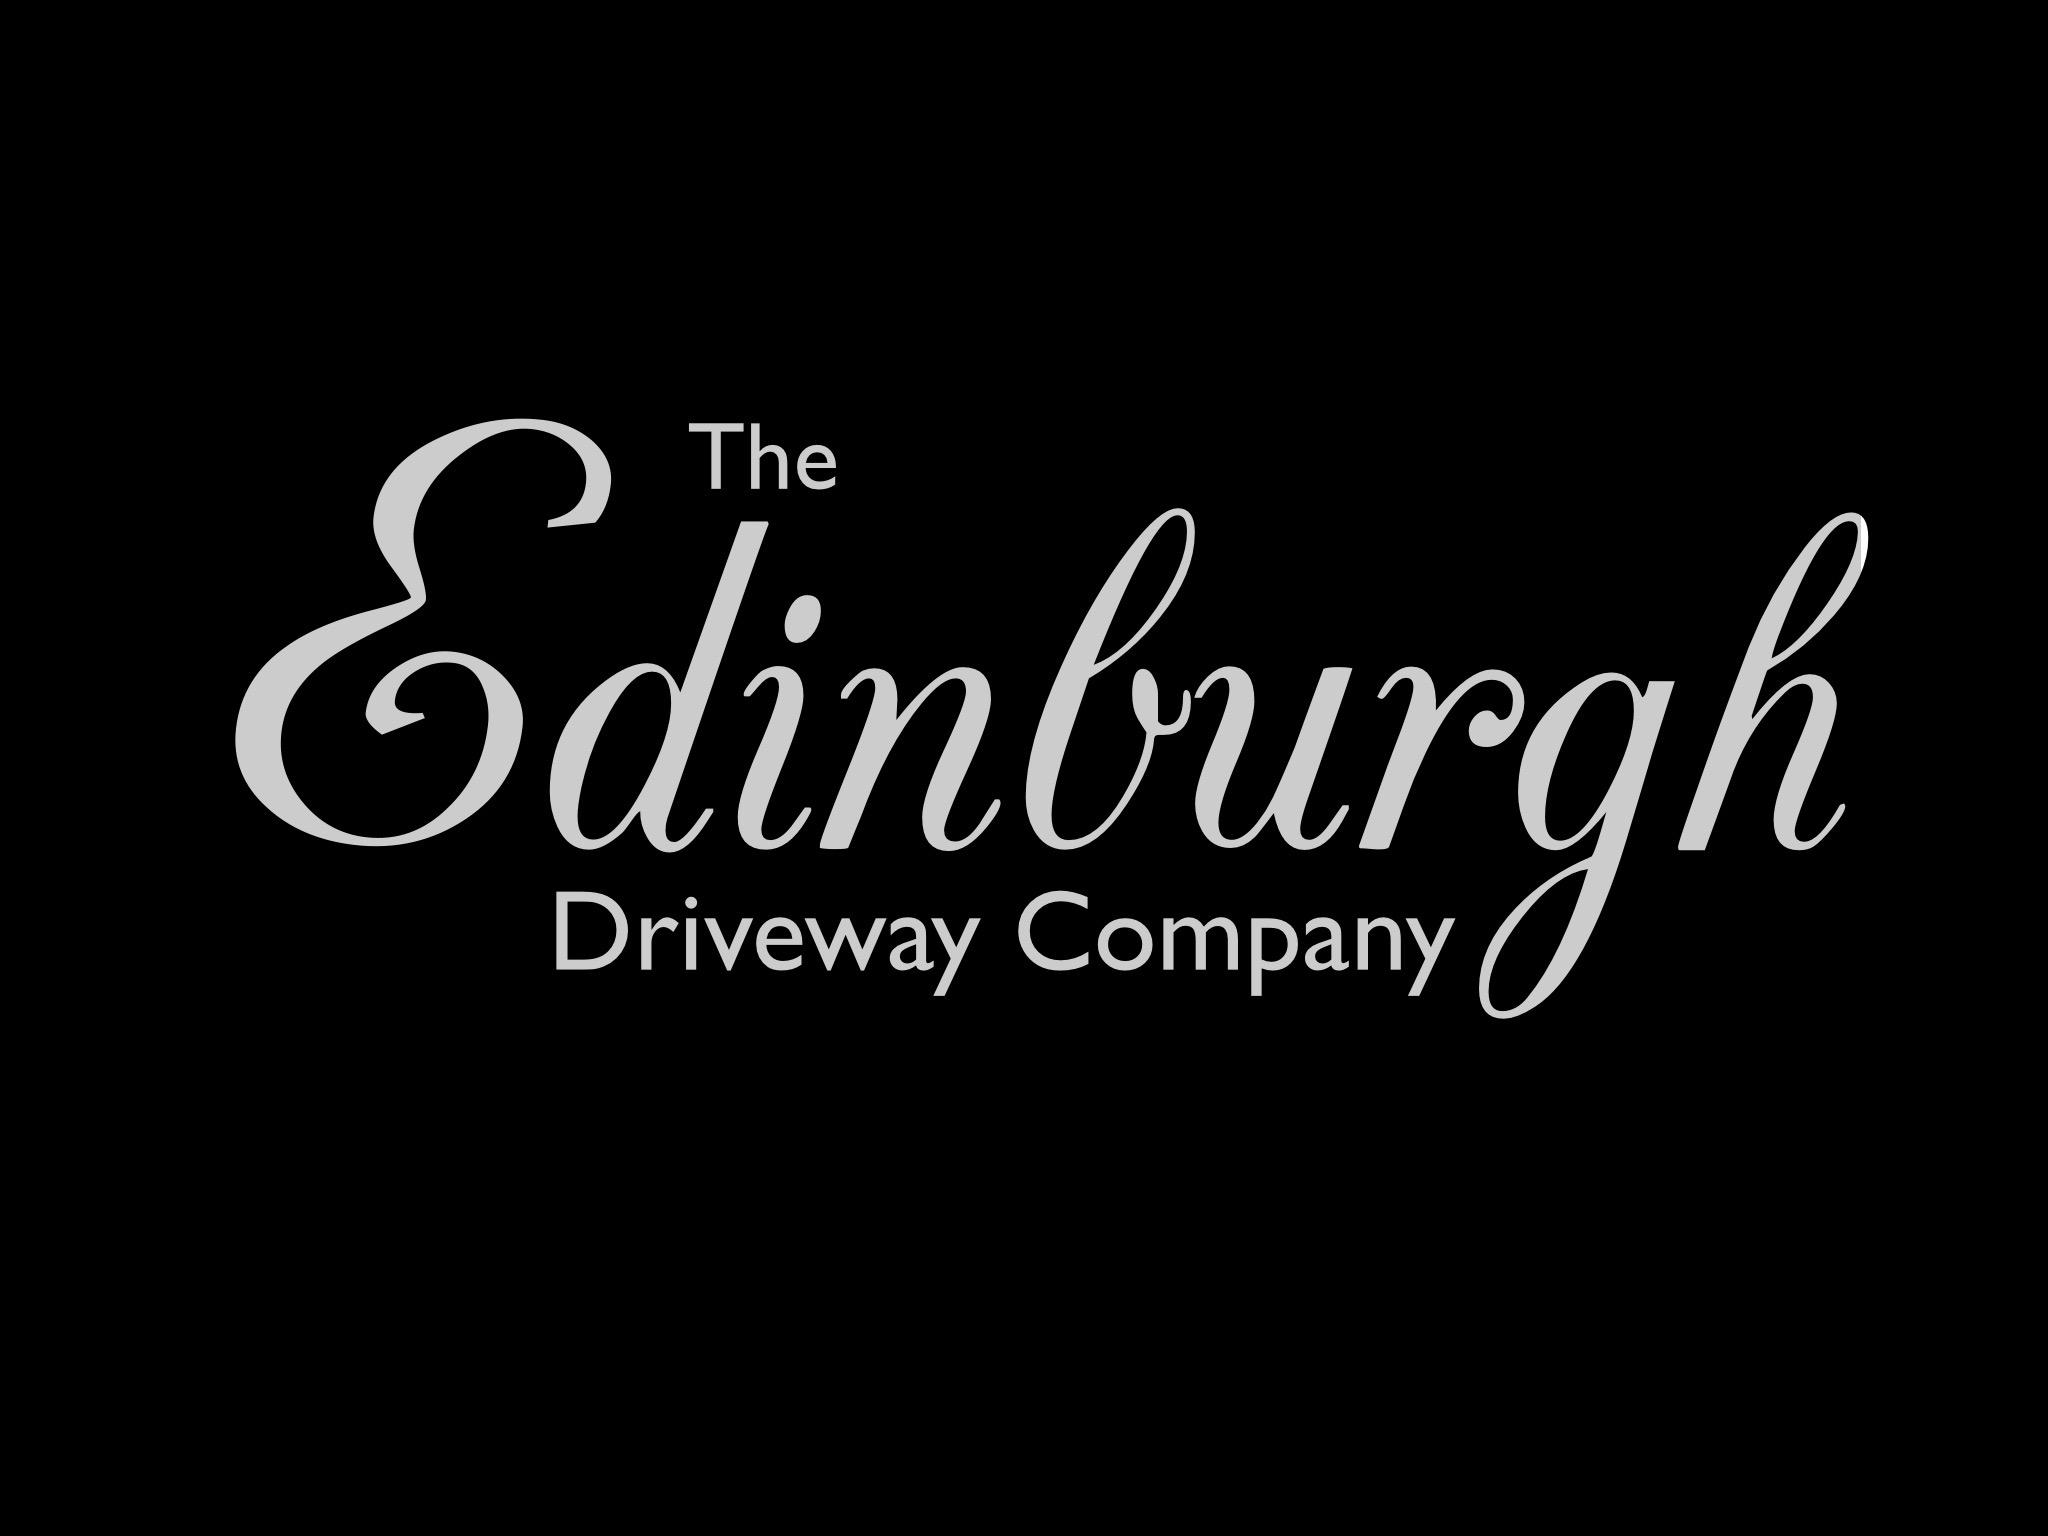 Edinburgh Driveway